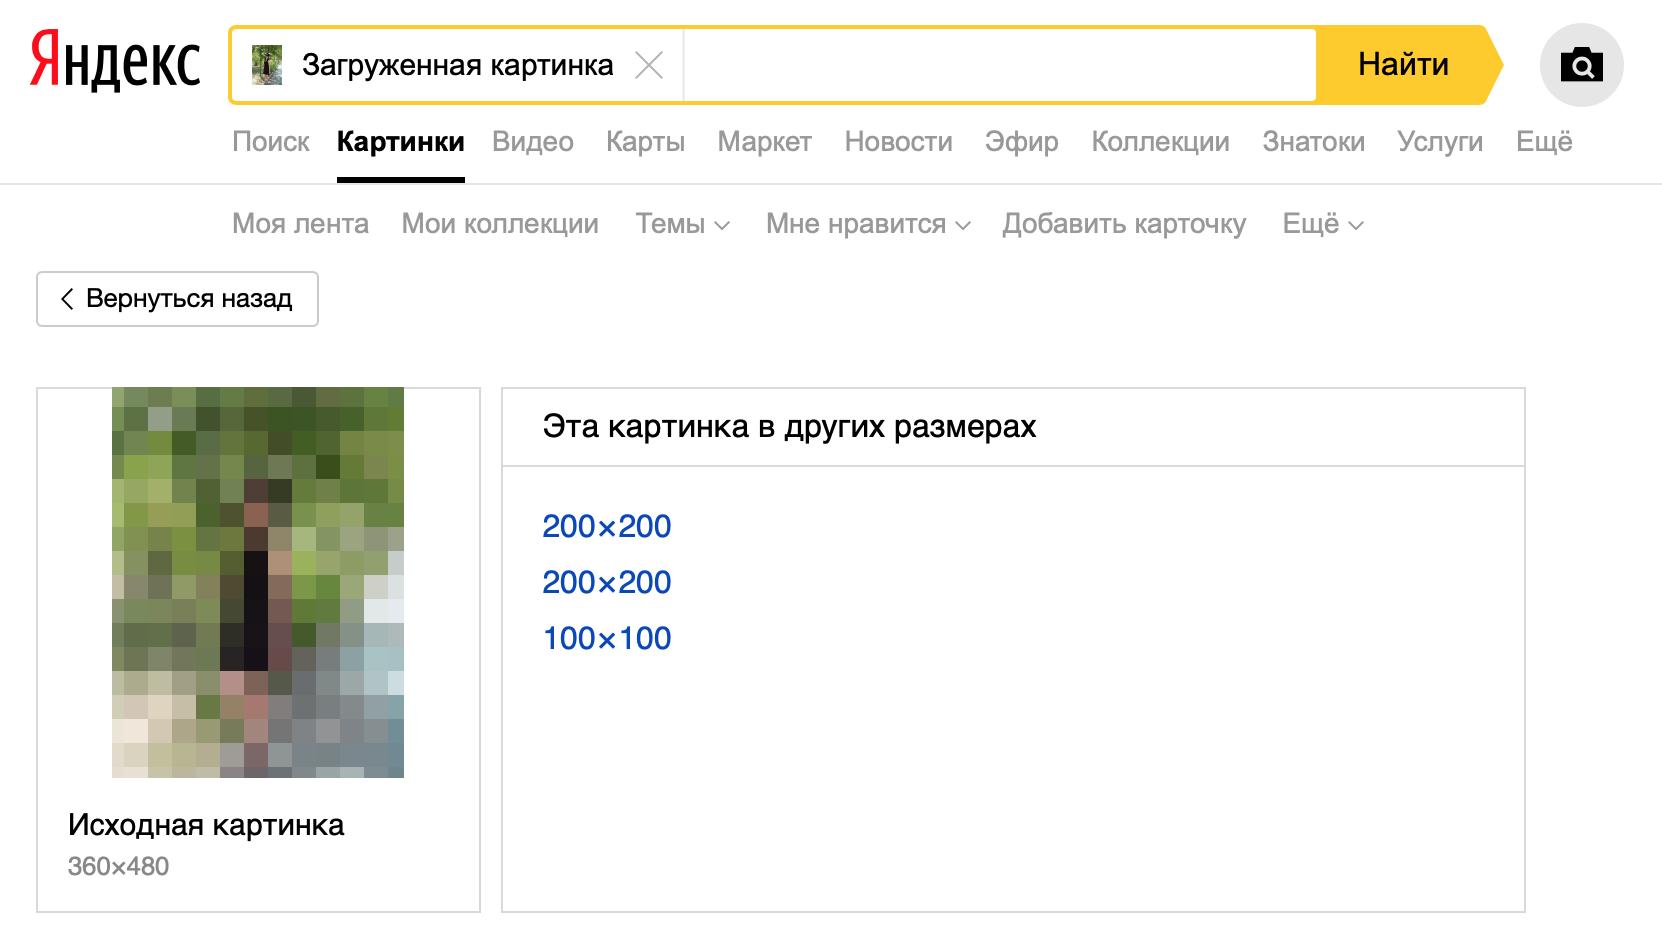 Загрузим изображение в «Яндекс-картинки»